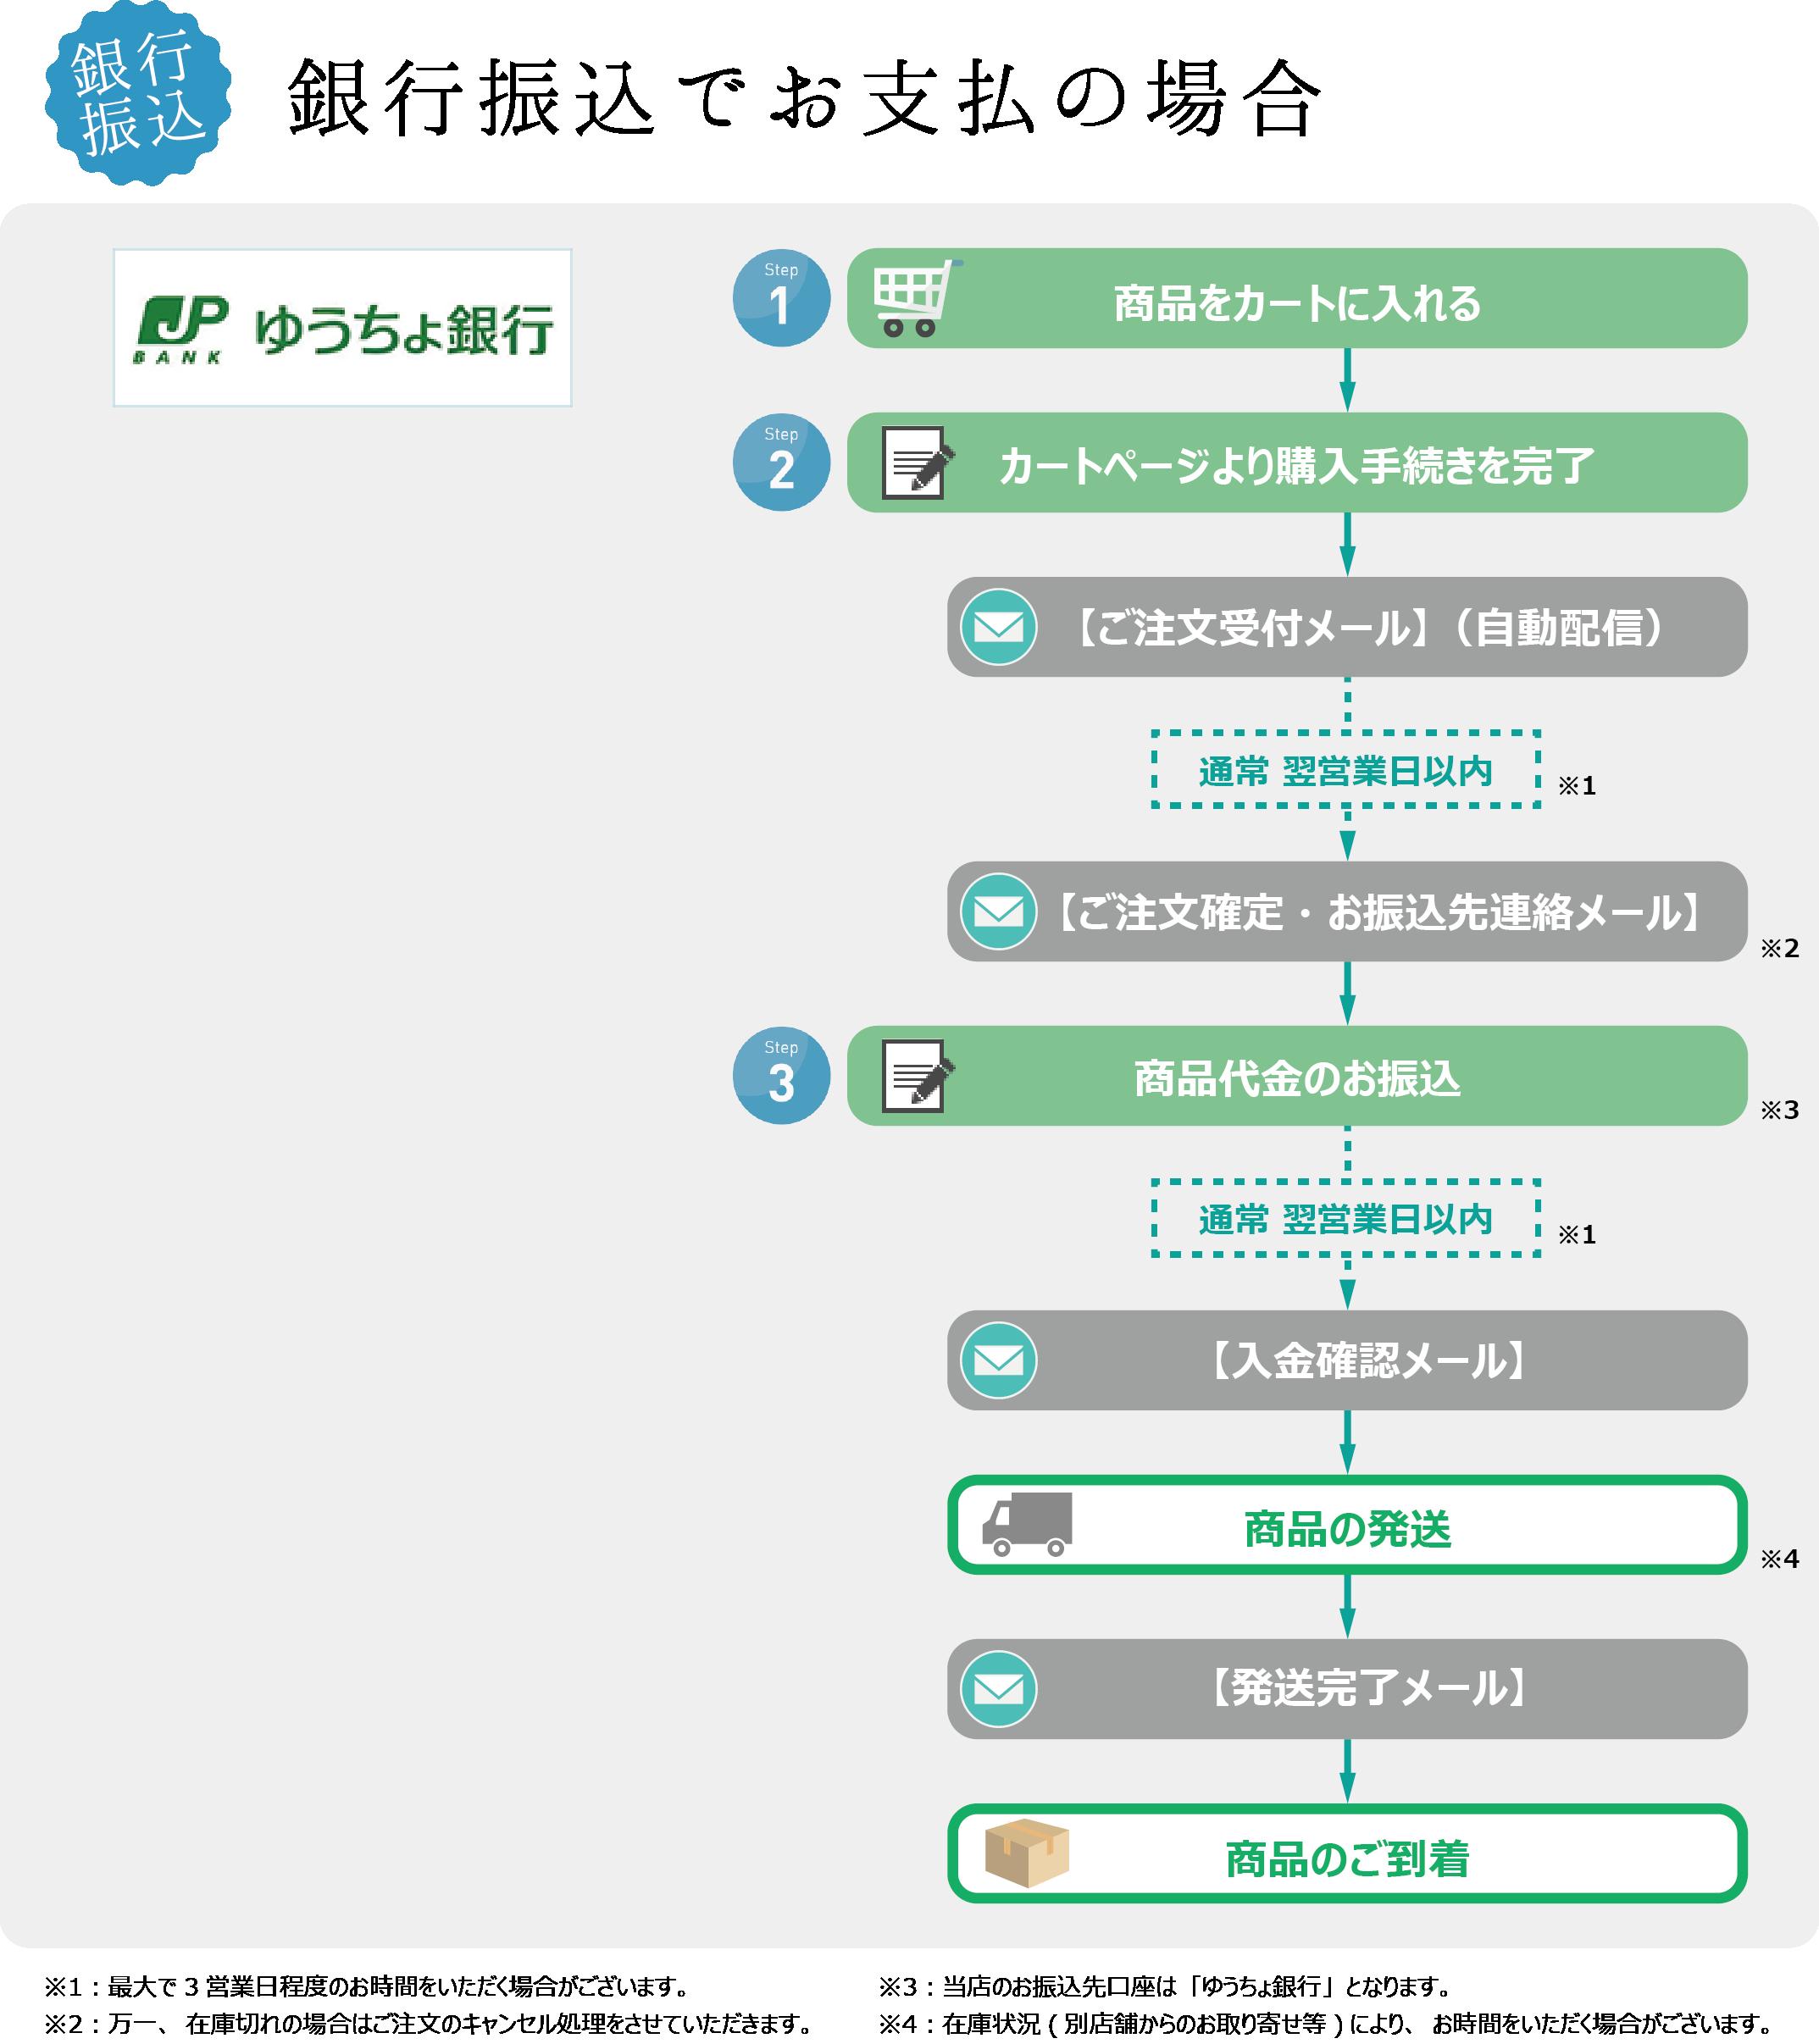 【支払方法】銀行振込